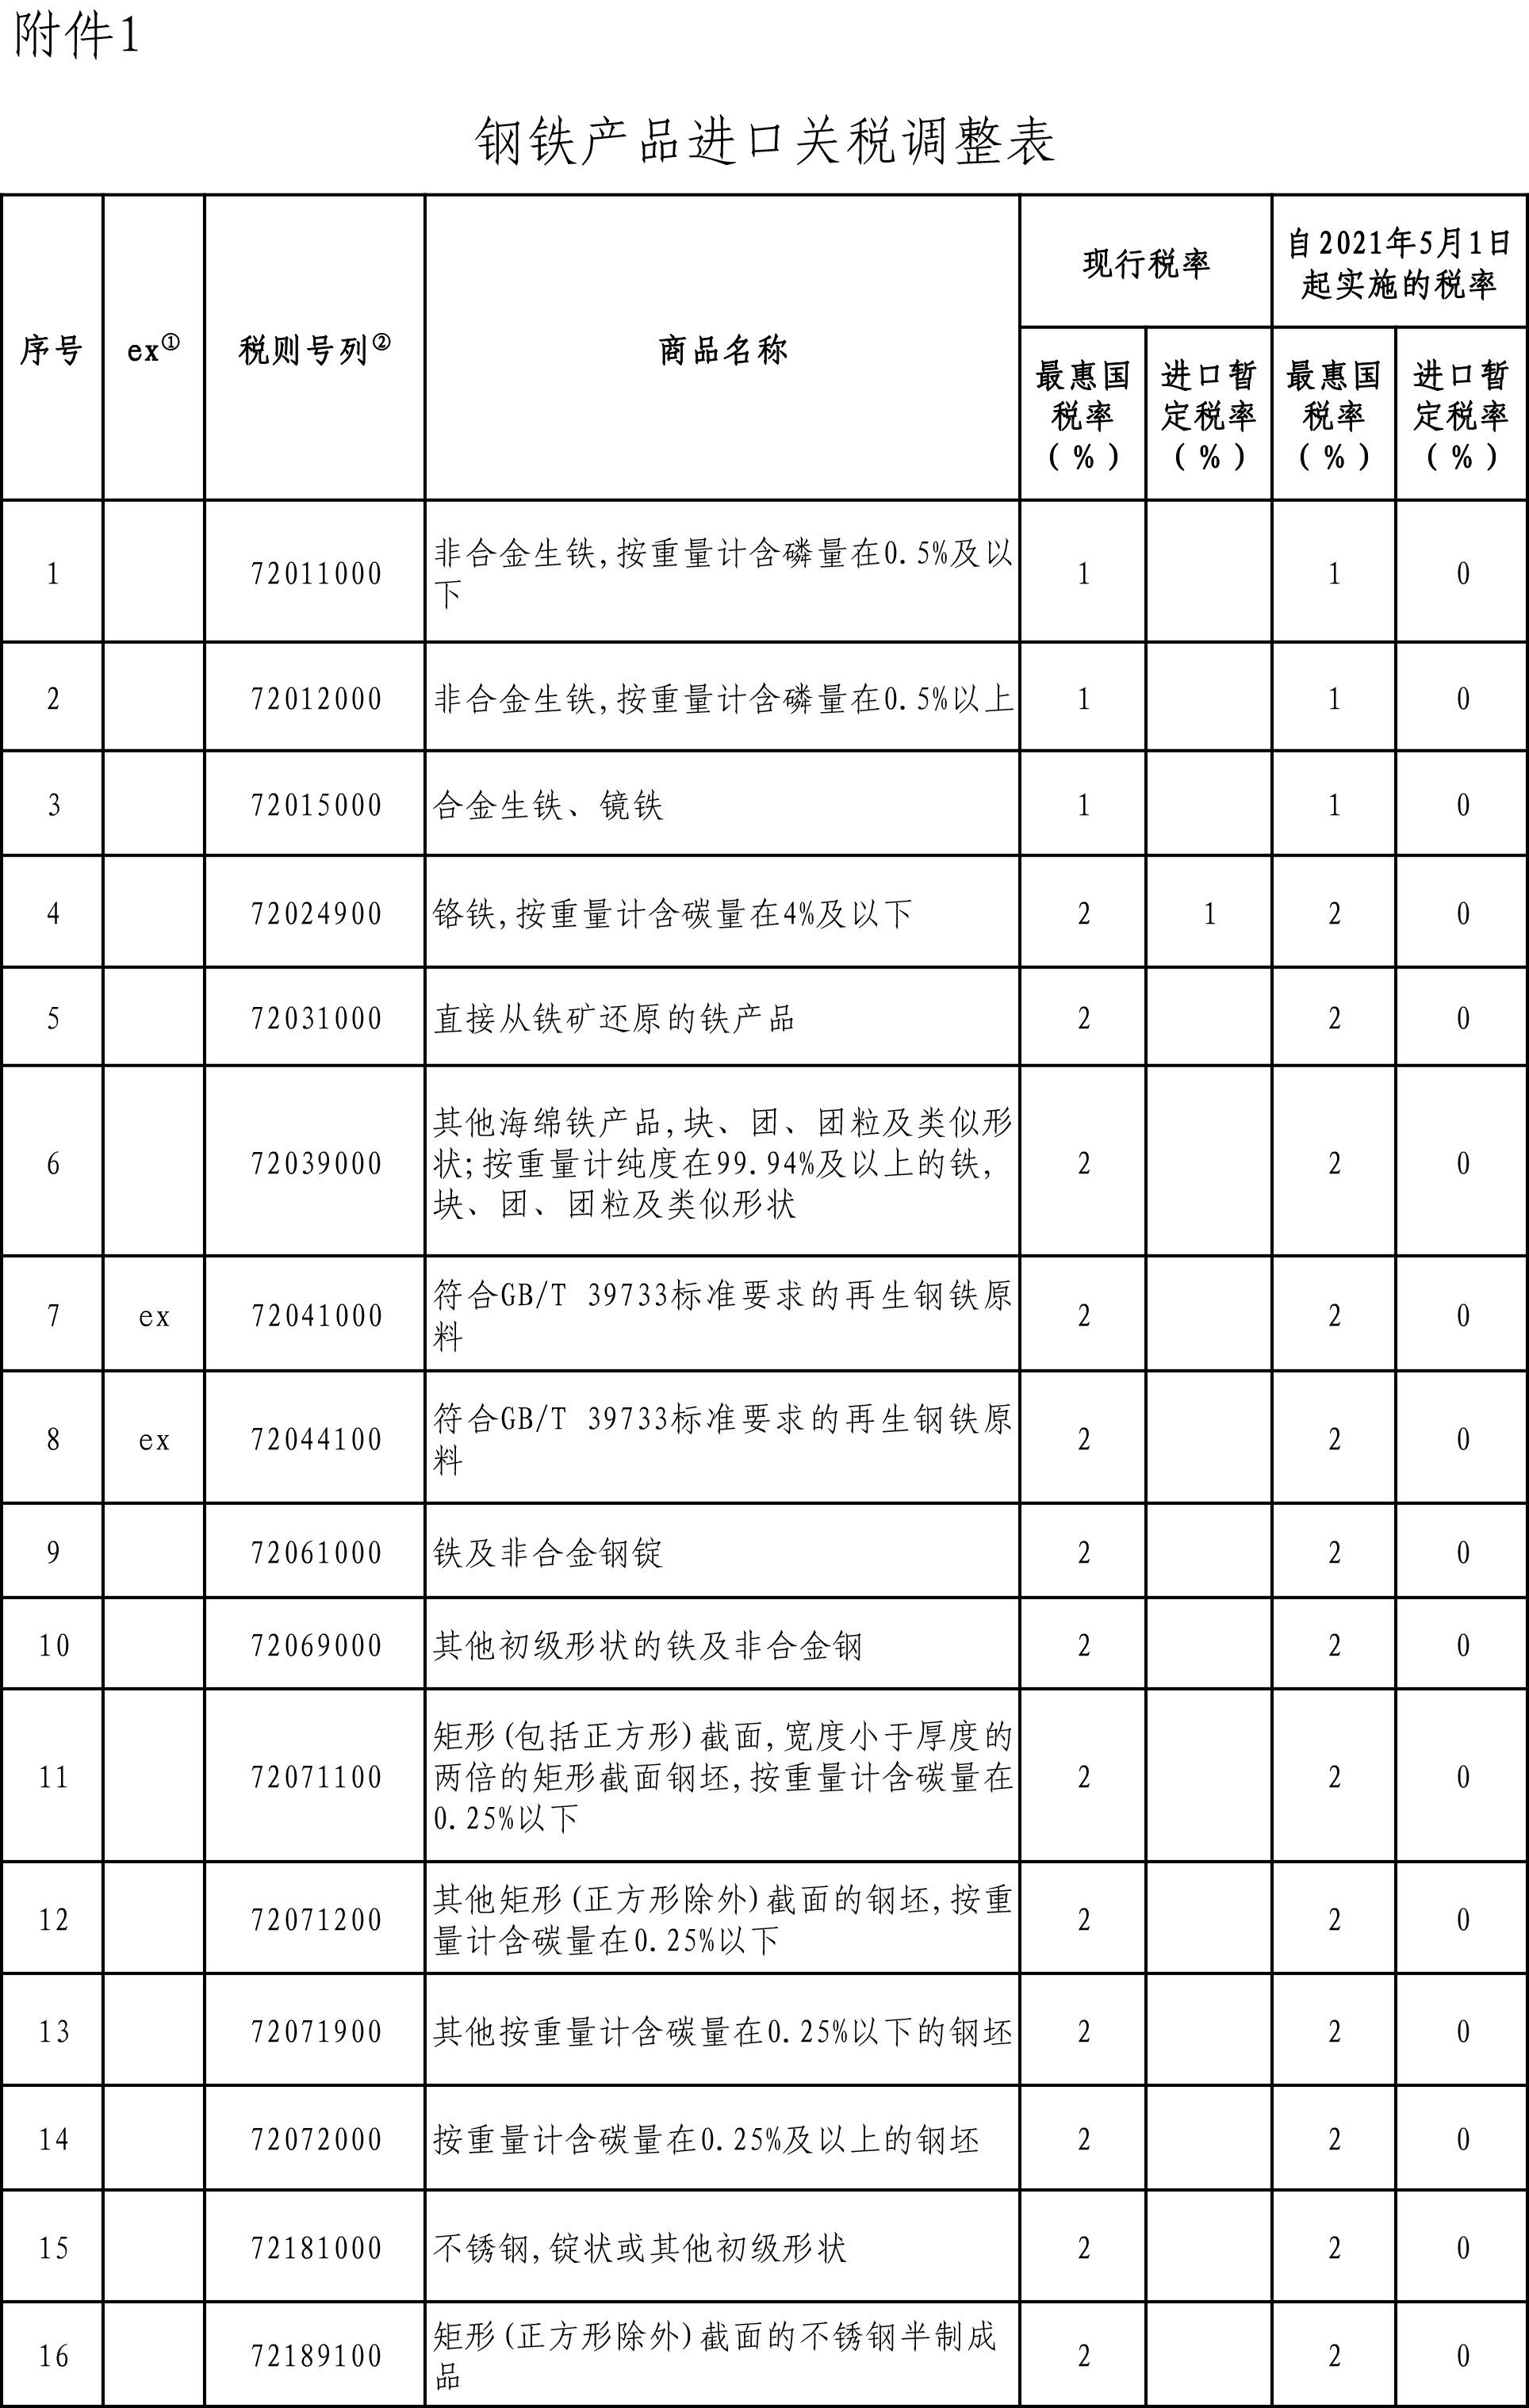 必晟娱乐新闻:国务院关税税则委:5月1日起调整部分钢铁产品关税